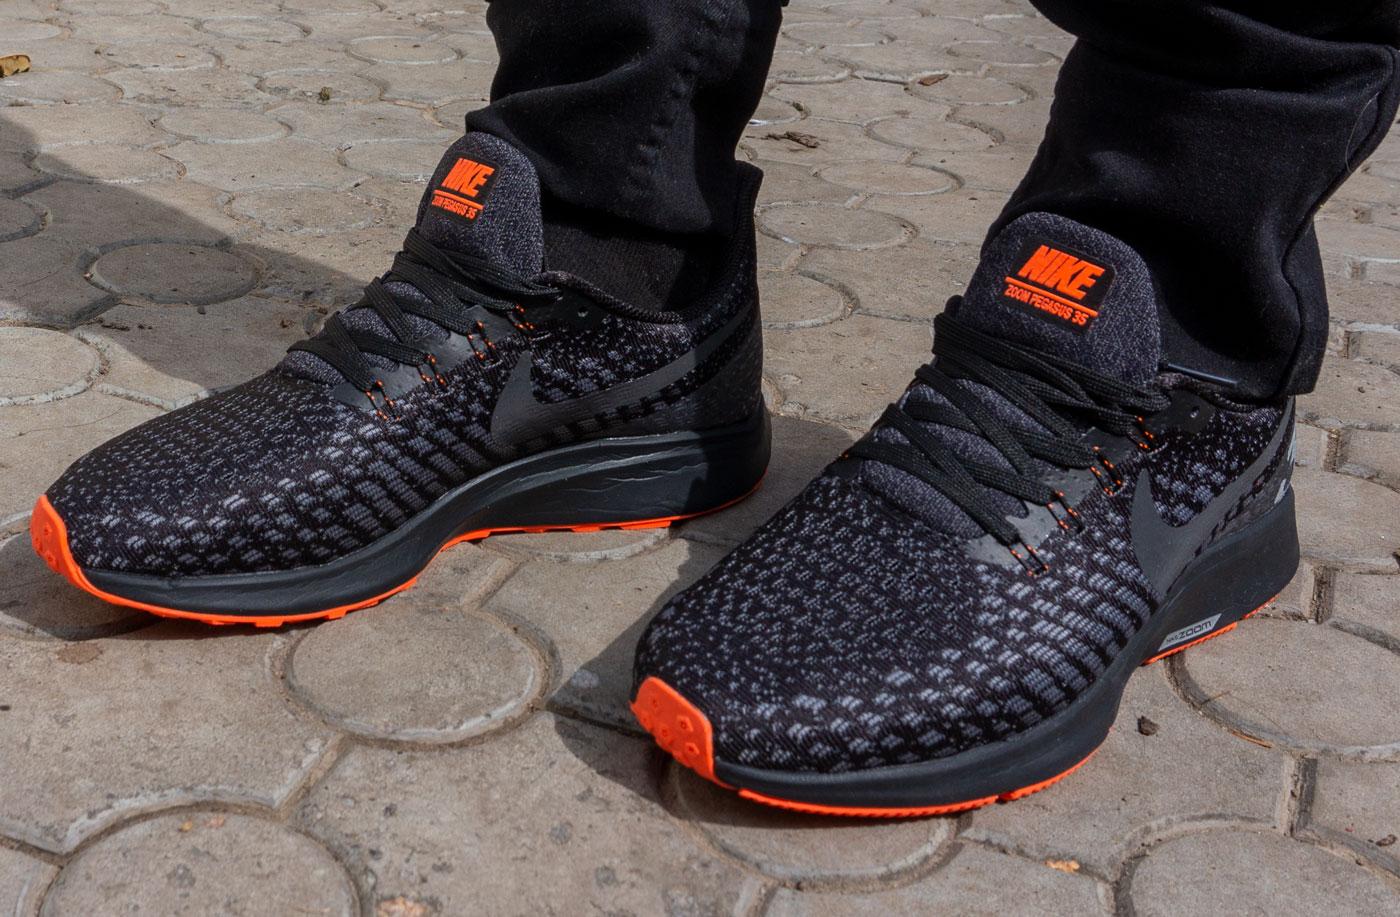 фото - Мужские кроссовки для бега Nike Zoom Pegasus 35 черные. Топ качество! на ноге.